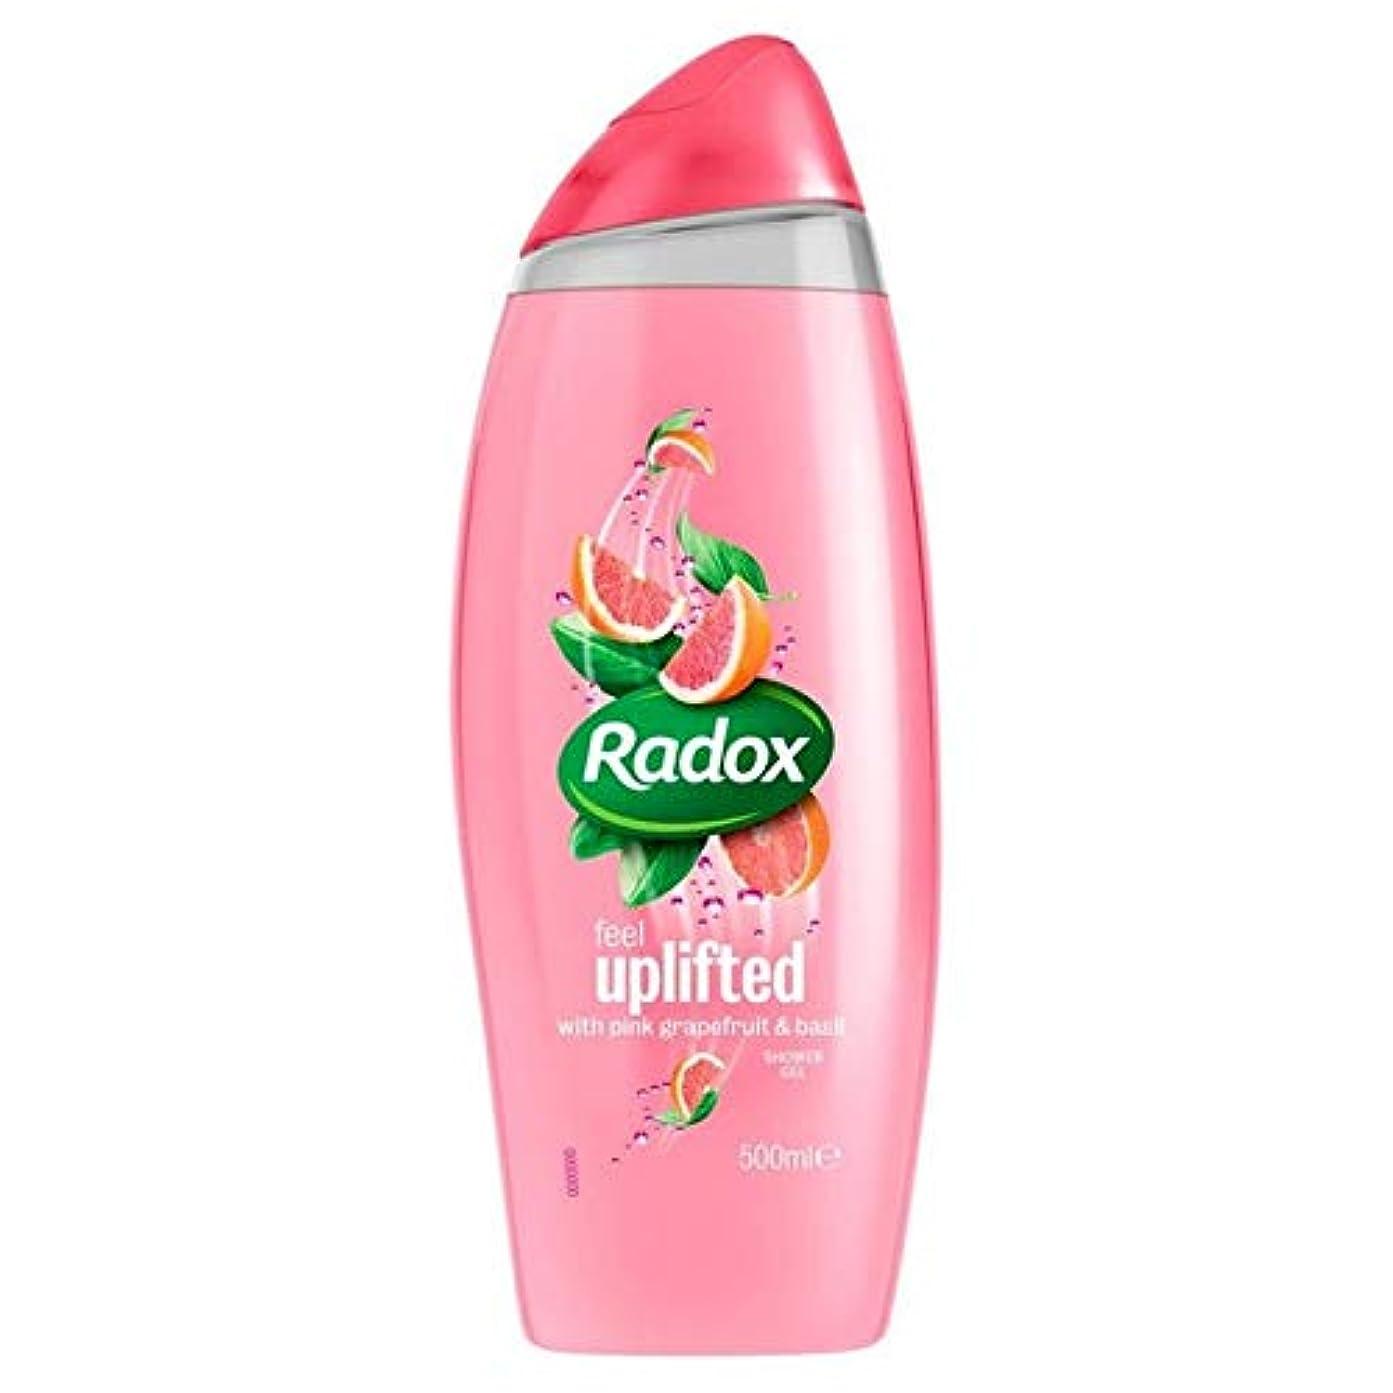 ゆるく接続されたオアシス[Radox] Radox感隆起シャワージェル500ミリリットル - Radox Feel Uplifted Shower Gel 500ml [並行輸入品]